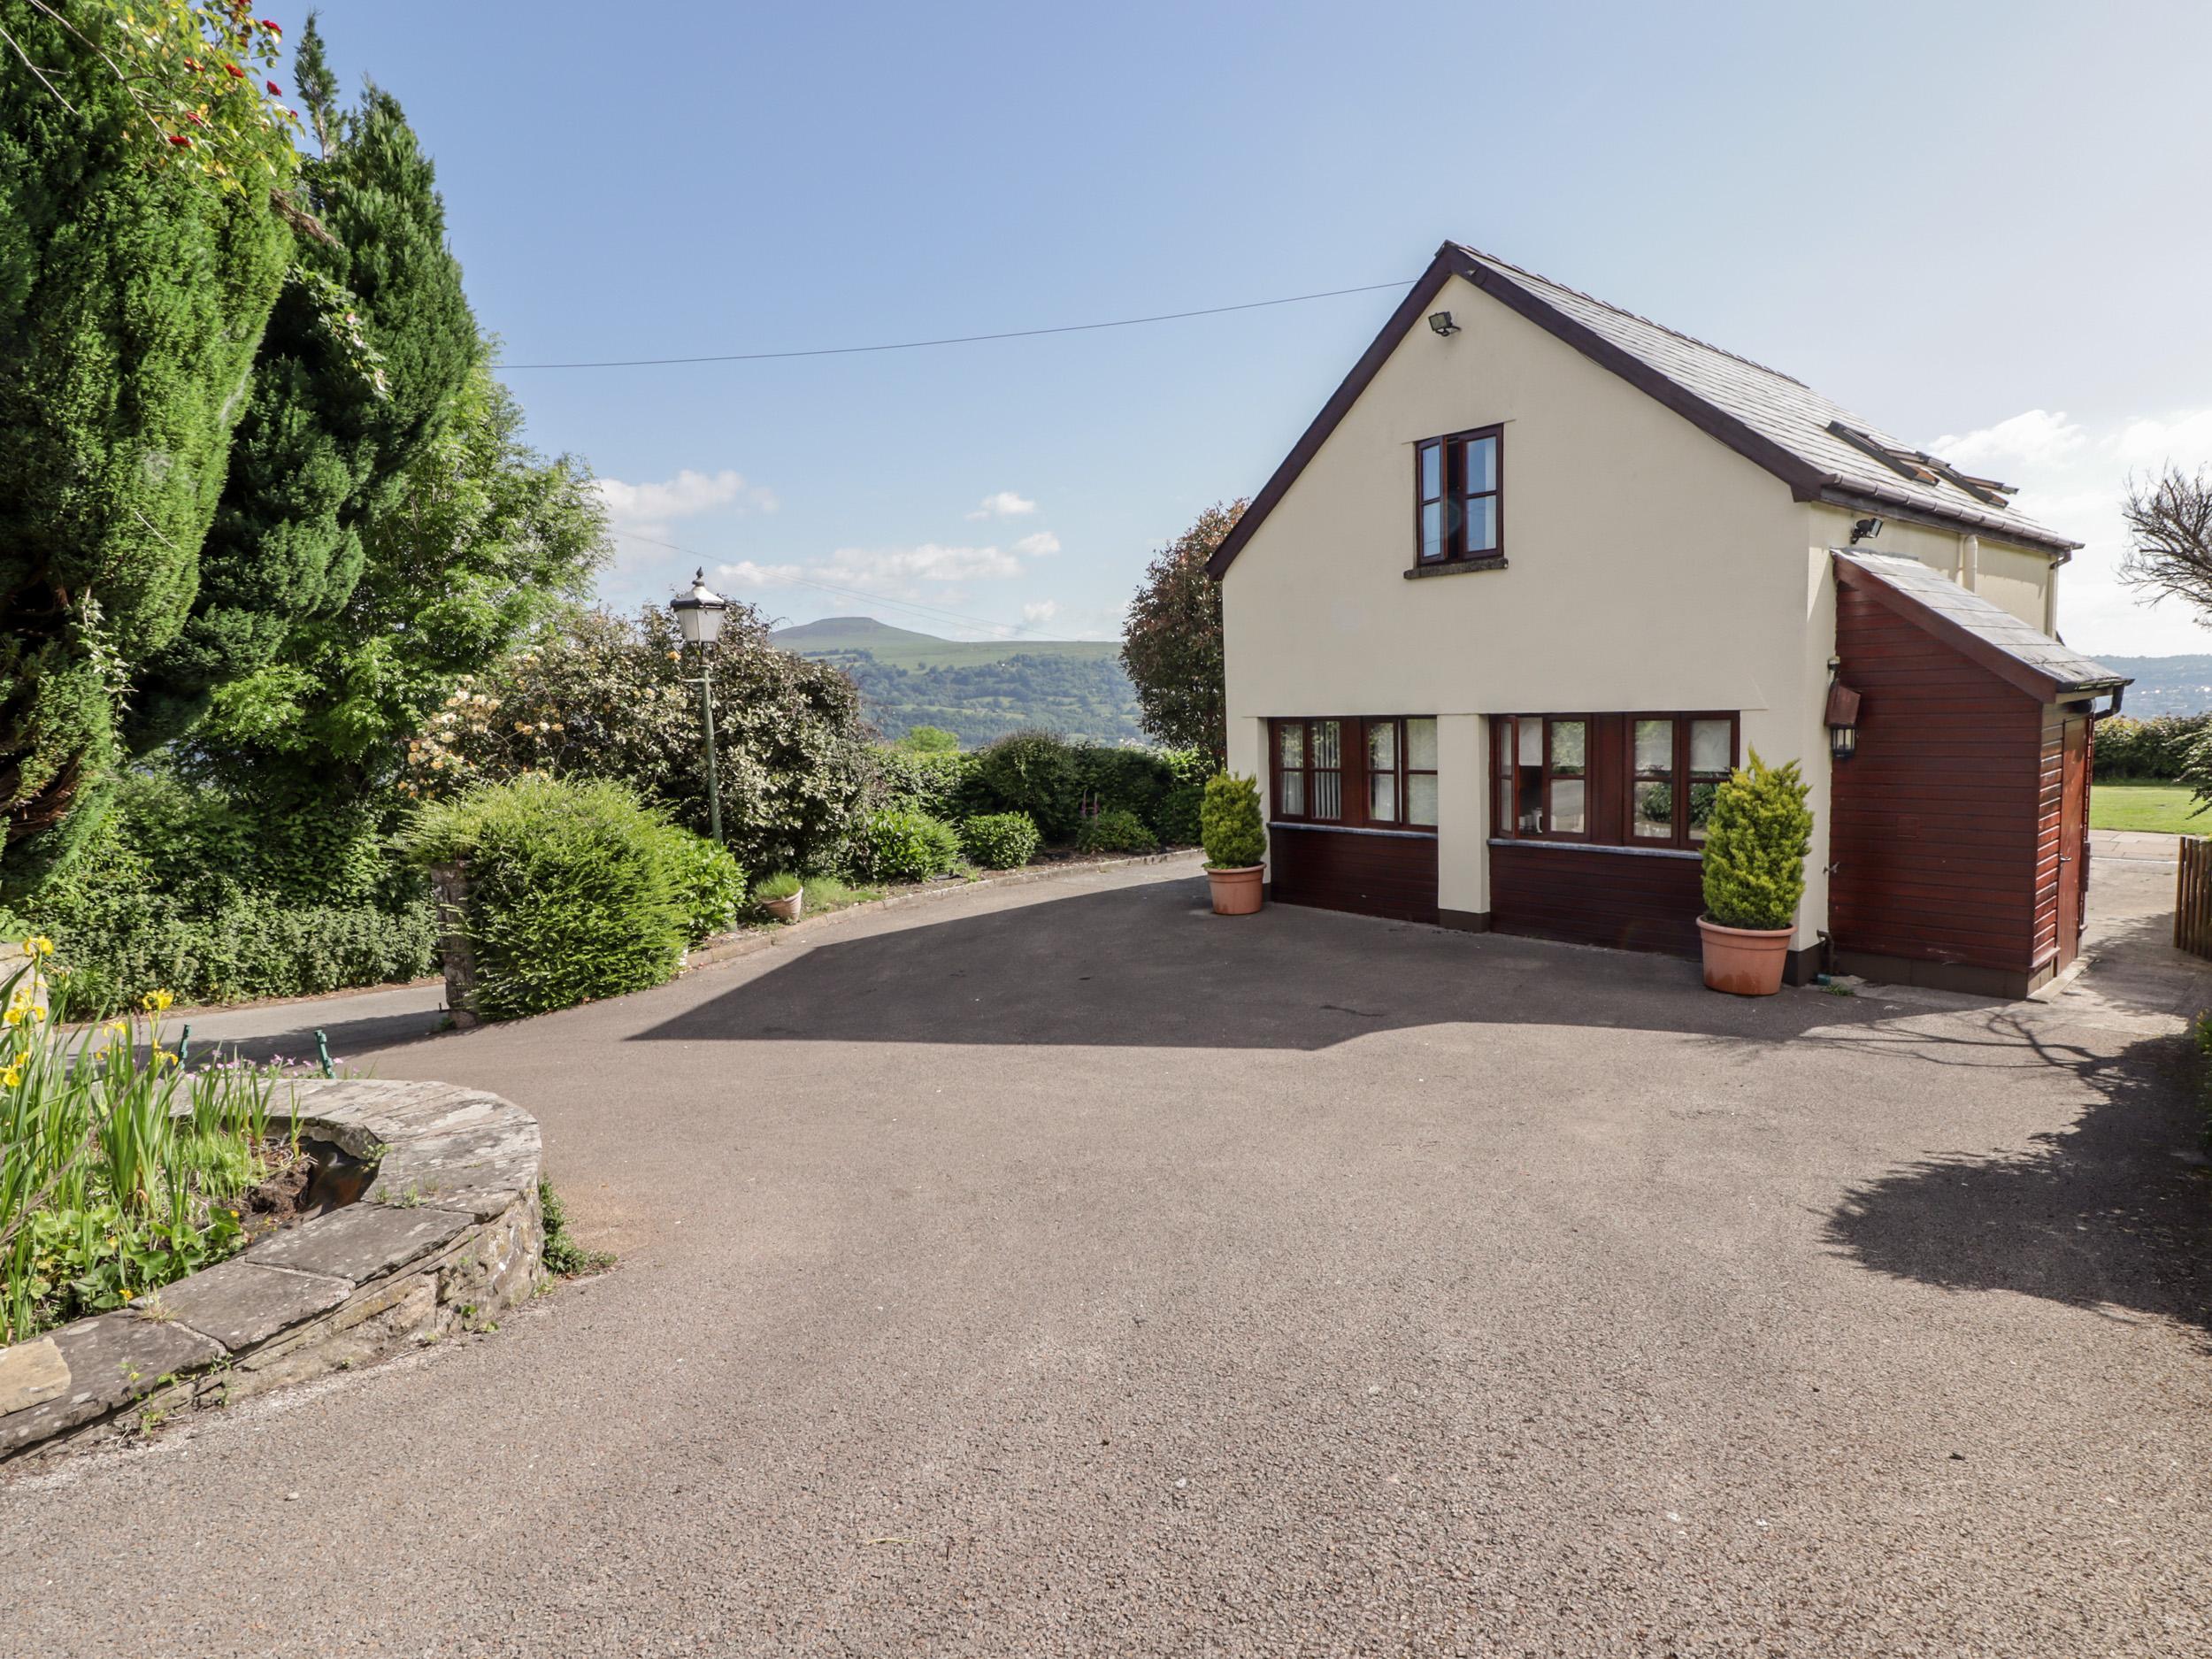 Penrose Cottage